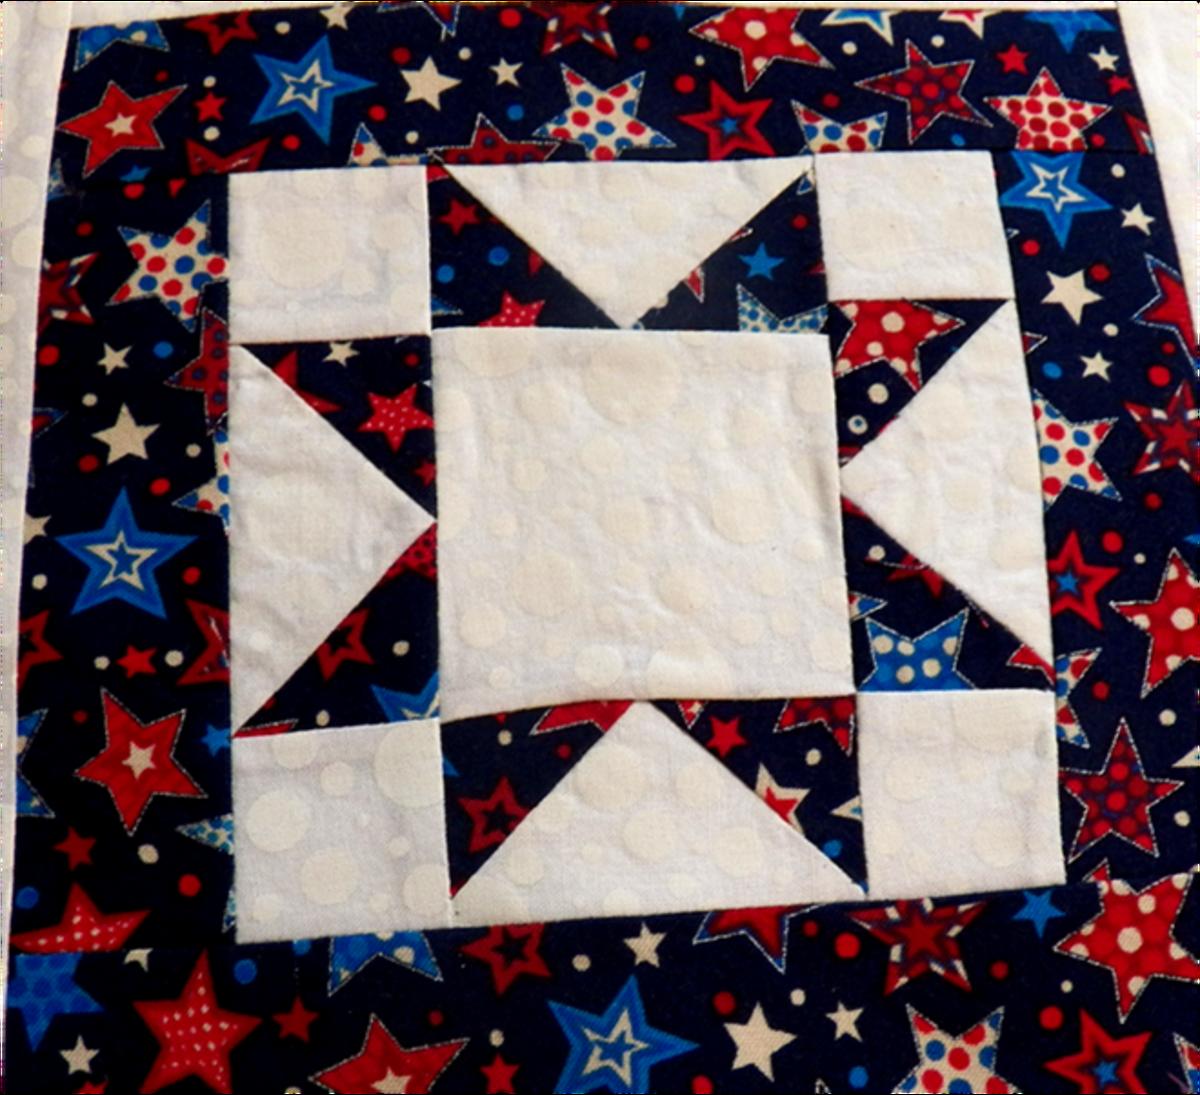 Impressive north star pattern quilt/